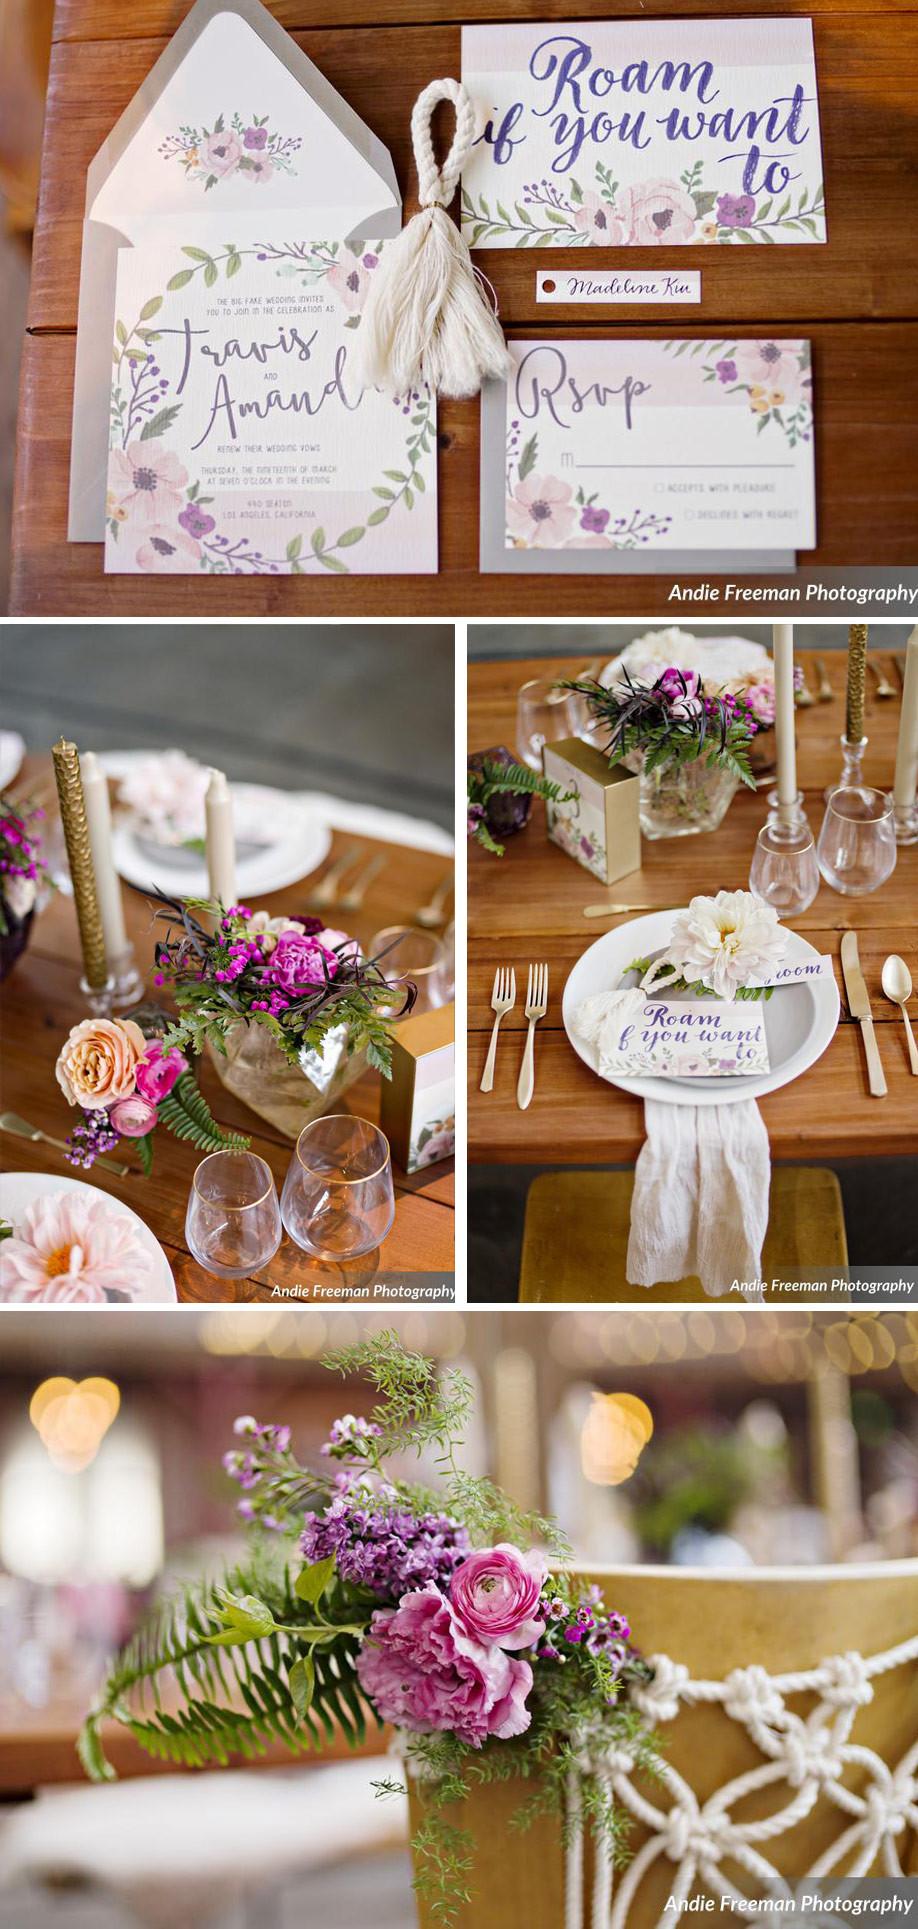 BFW_frankly.weddings_Andie-Freeman-Photography_Table-3.jpg